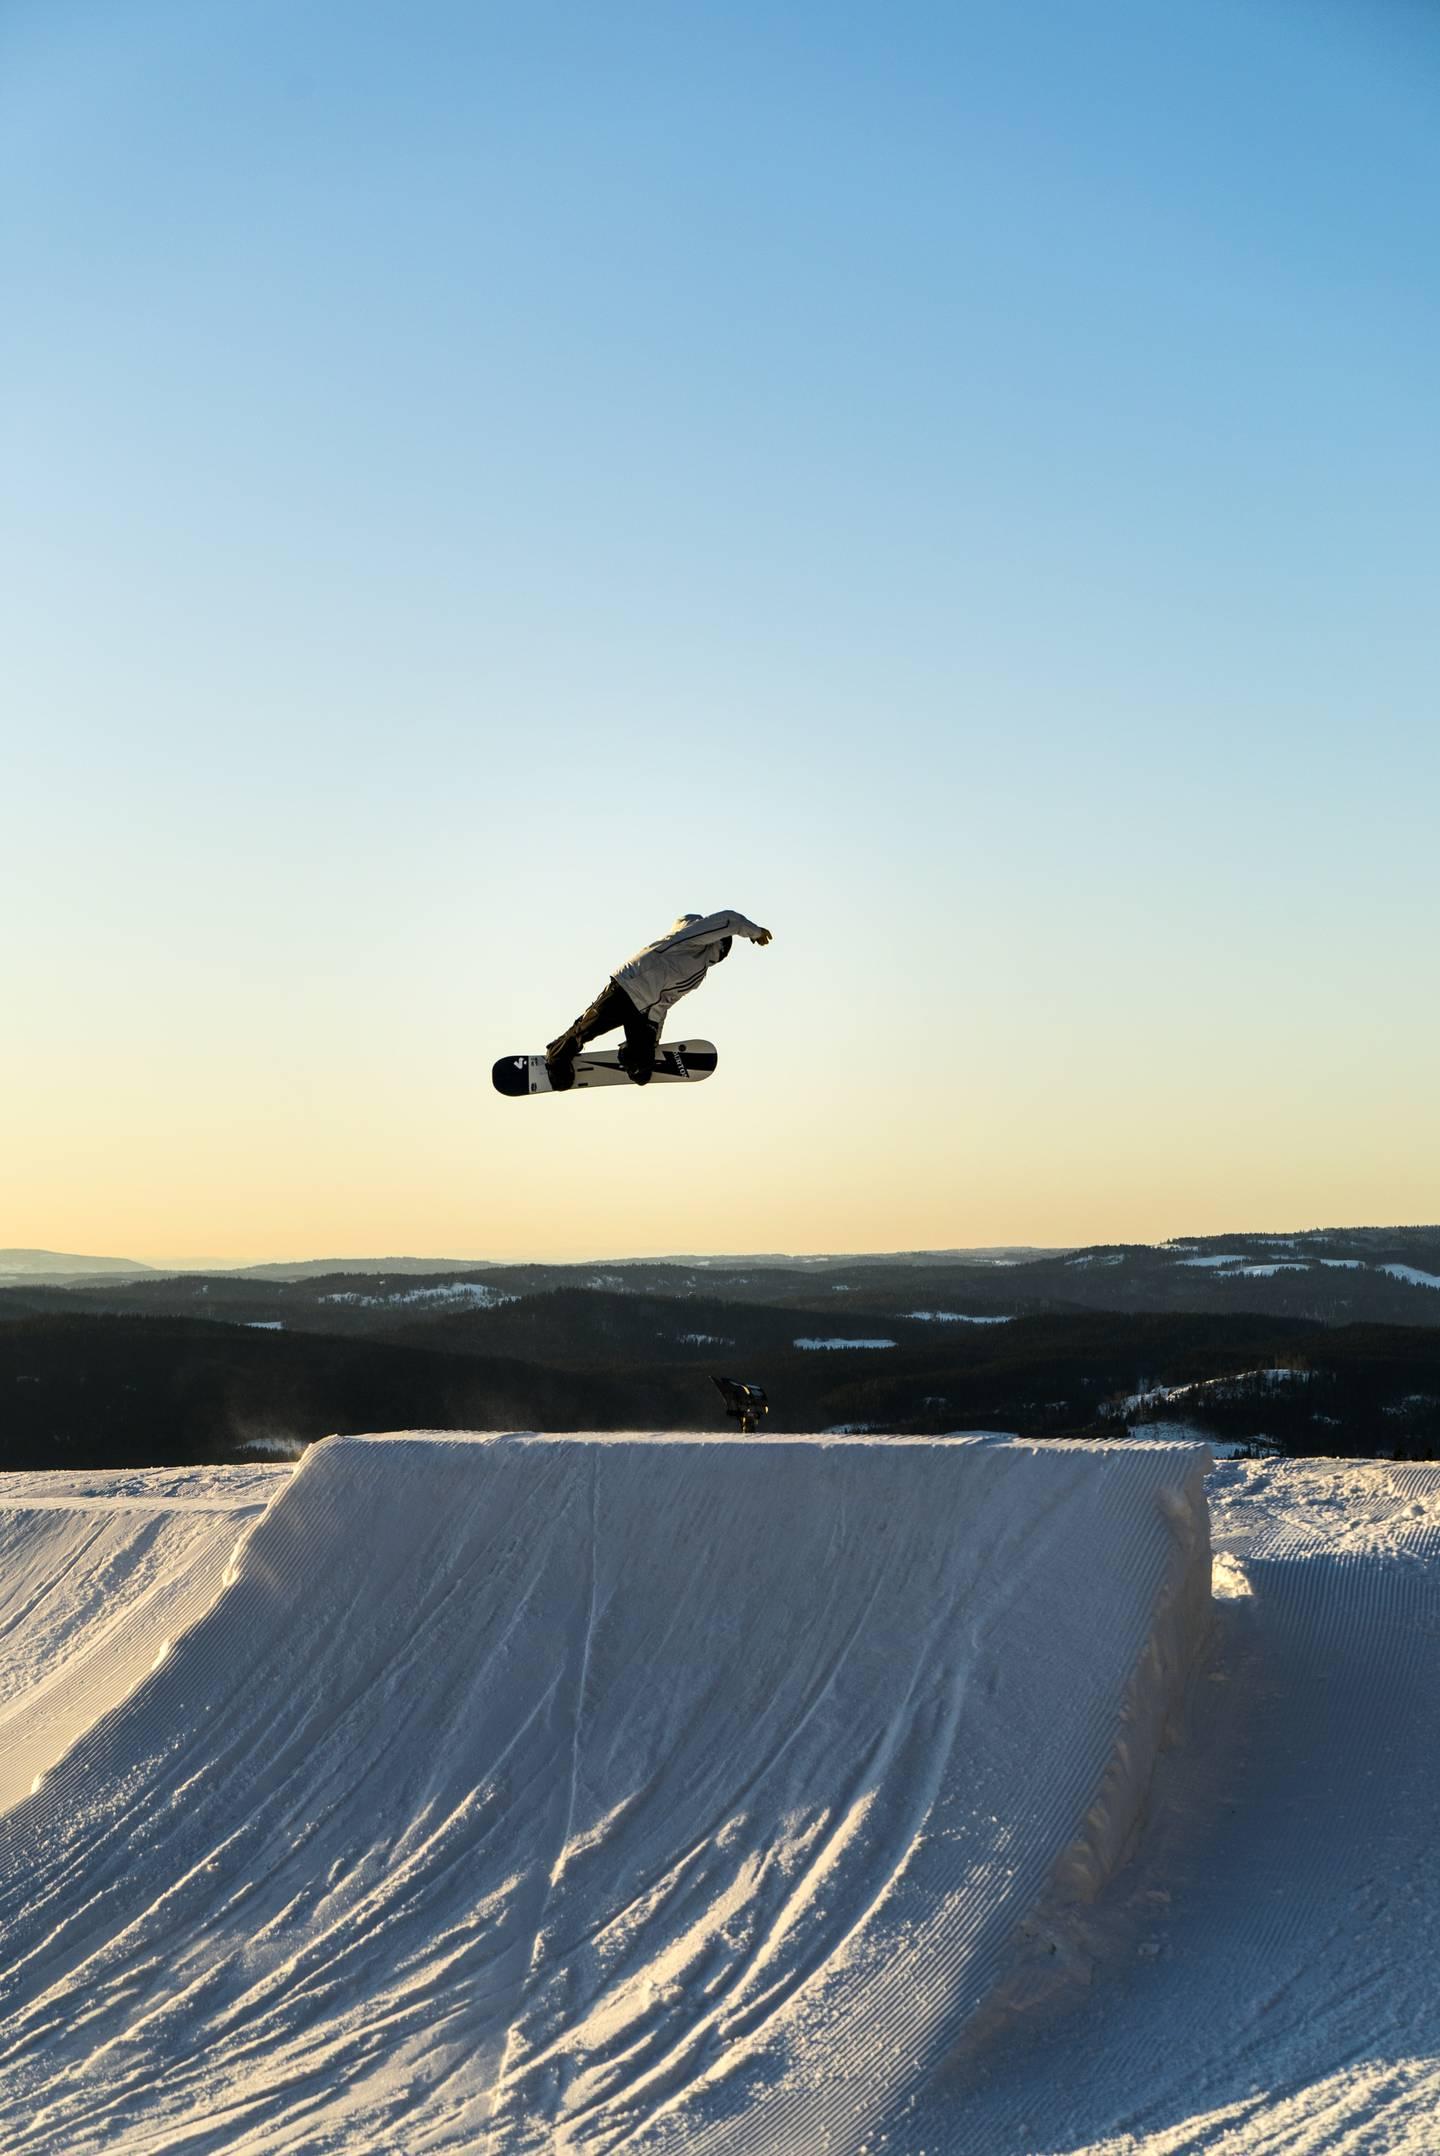 SNOWBOARD: Terje Håkonsen er en av Norges mest kjente snowboardkjørere gjennom tidene. Nå hever han stemmen for å sikre at andre idrettsutøvere kan gjøre det samme.